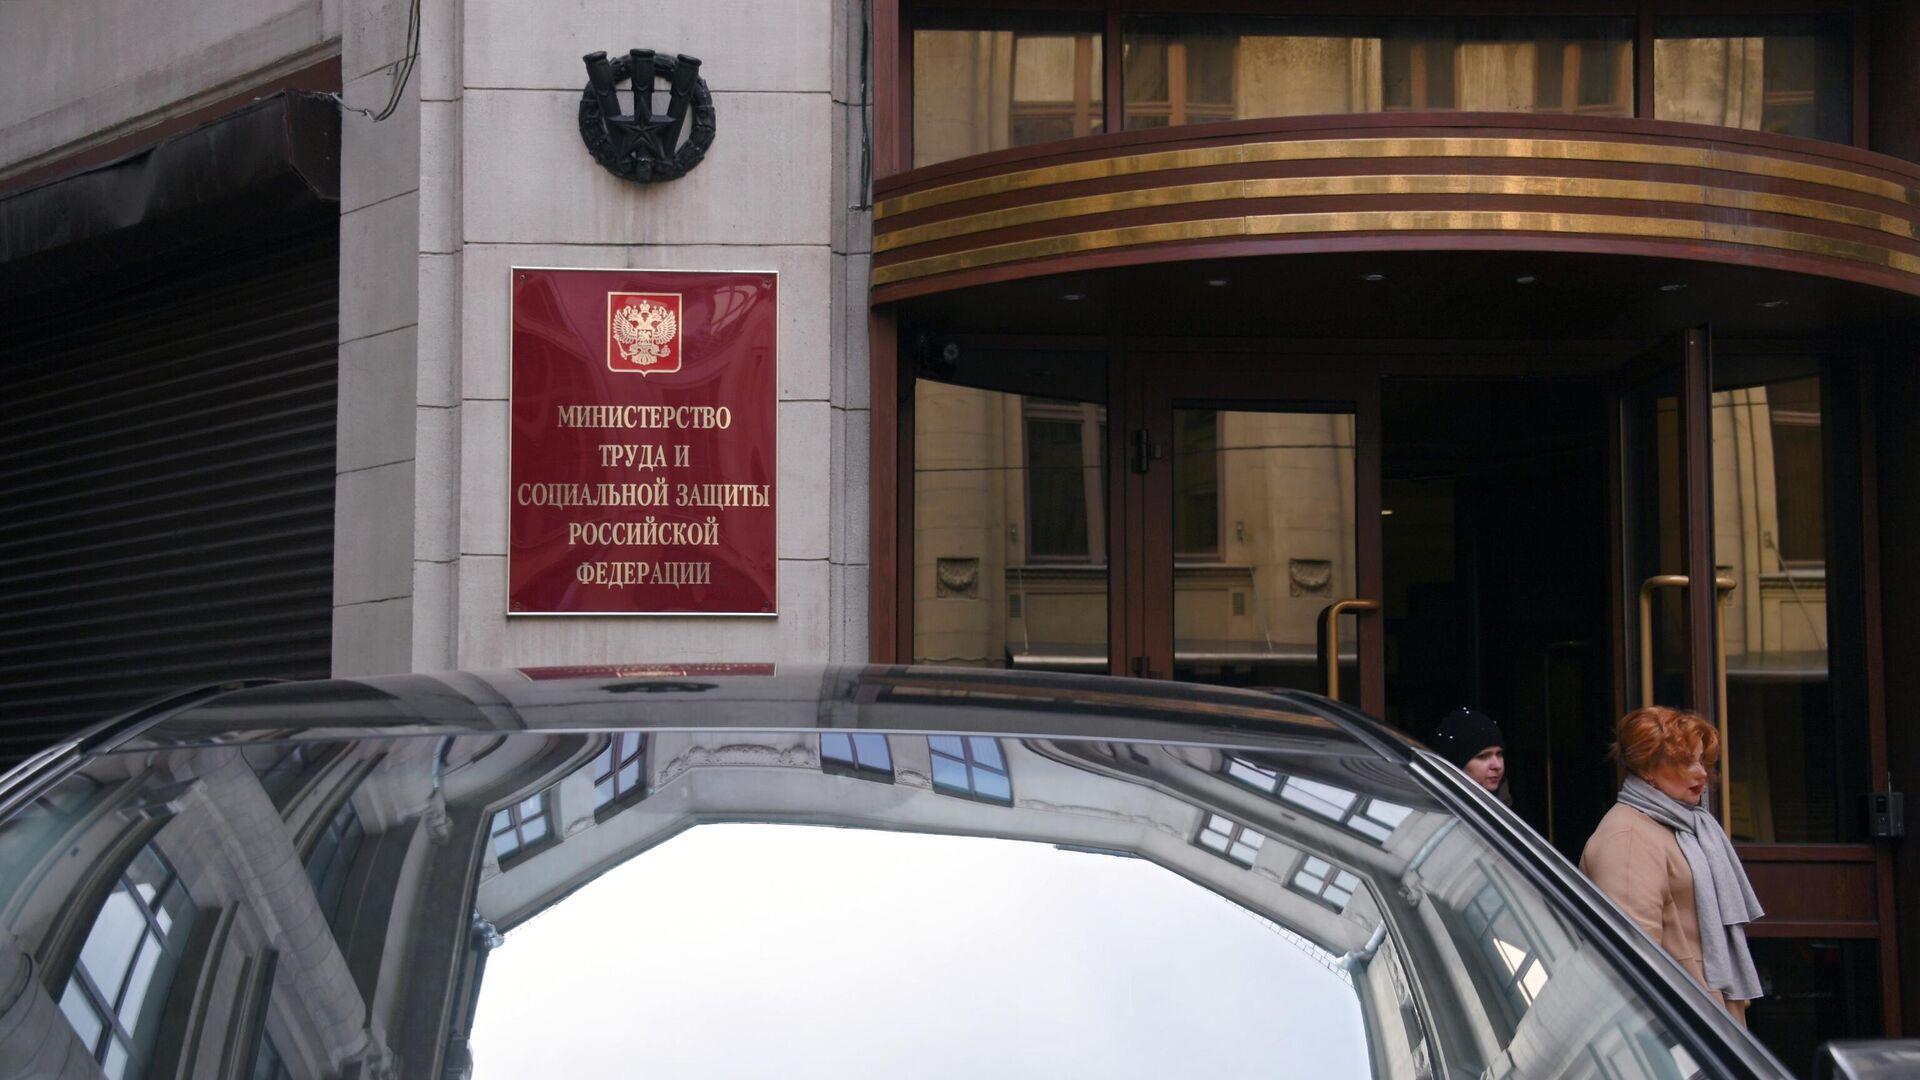 Здание Министерства труда и социальной защиты РФ - РИА Новости, 1920, 20.04.2021